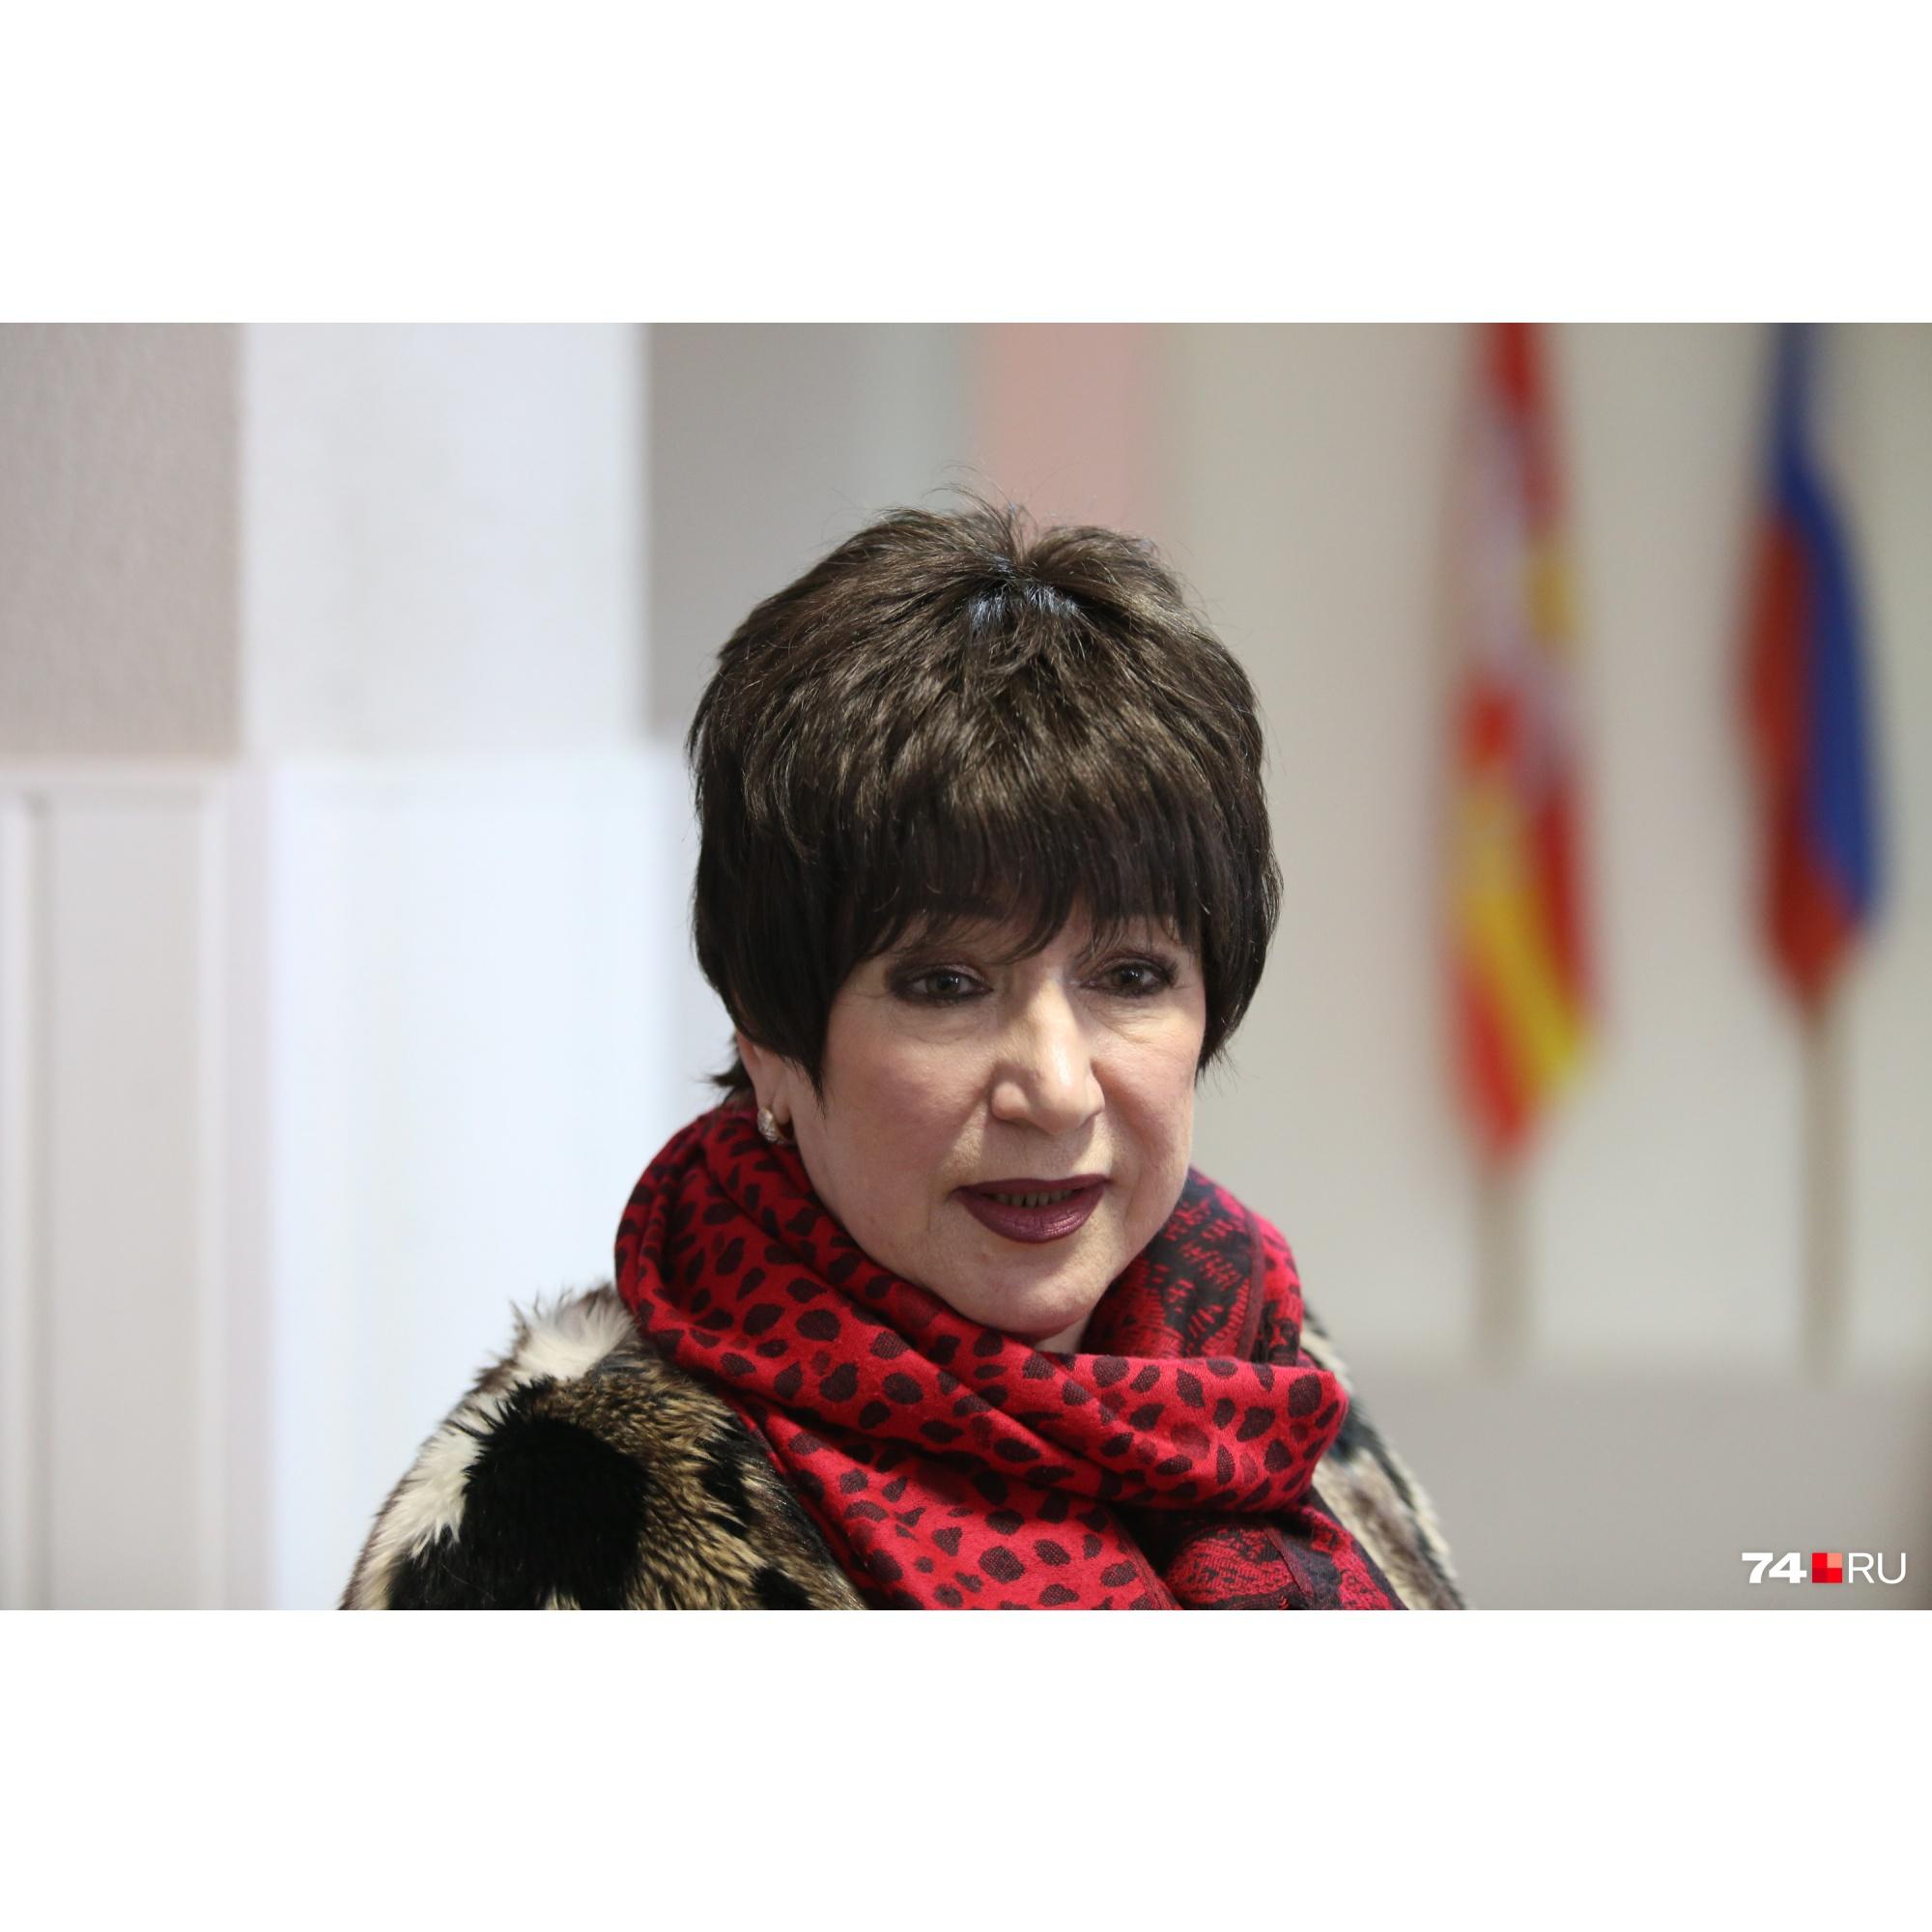 Людмила Антонова — адвокат из Екатеринбурга